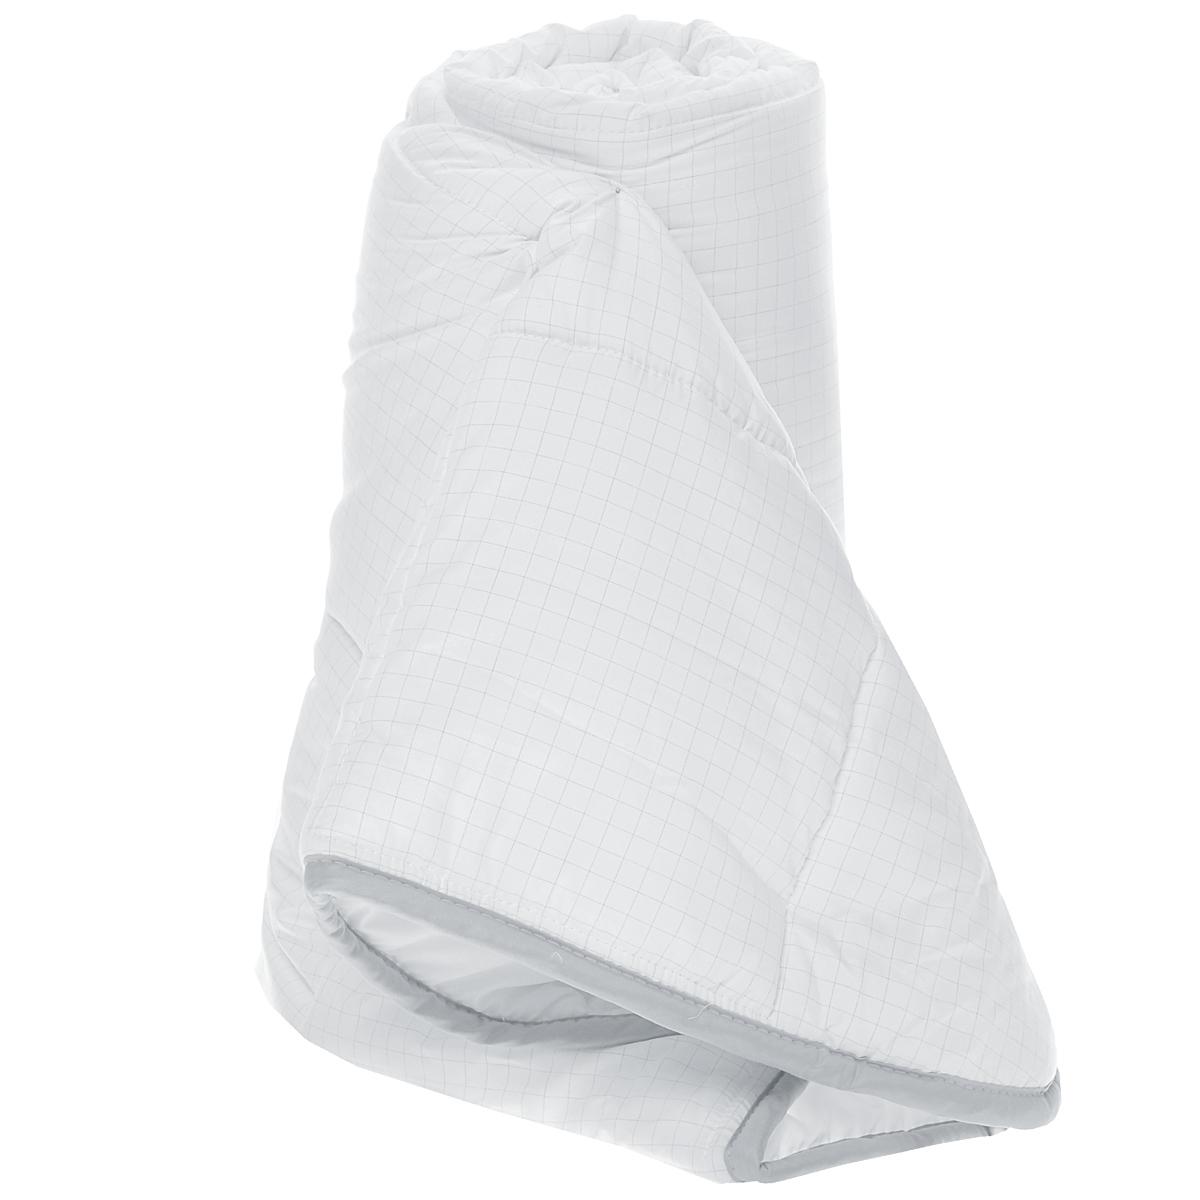 Одеяло легкое Comfort Line Антистресс, наполнитель: полиэстер, 200 х 220 см174354Легкое одеяло Comfort Line Антистресс подарит незабываемое чувство комфорта и уюта во время сна. Одеяло выполнено по инновационной технологии с применением карбоновой нити, которая способна снимать и отводить статическое напряжение. При уменьшении статического электричества качество сна увеличивается, вы почувствуете себя более отдохнувшим и снявшим стресс. Идеально подойдет людям, которые много времени проводят на работе, подвержены стрессу и заботятся о своем здоровье. Изделие также отлично отводит и испаряет влагу. Одеяло упаковано в пластиковую сумку-чехол, закрывающуюся на застежку-молнию. Рекомендации по уходу:- Можно стирать в стиральной машине при температуре не выше 30°С.- Не отбеливать.- Не гладить.- Нельзя отжимать и сушить в стиральной машине.- Химчистка с мягким растворителем.- Сушить вертикально.Материал чехла: микрофибра (99,4% полиэстер, 0,6% карбон). Наполнитель: полиэстеровое волокно (100% полиэстер).Размер: 200 см х 220 см.Масса наполнителя: 150 г/м2.